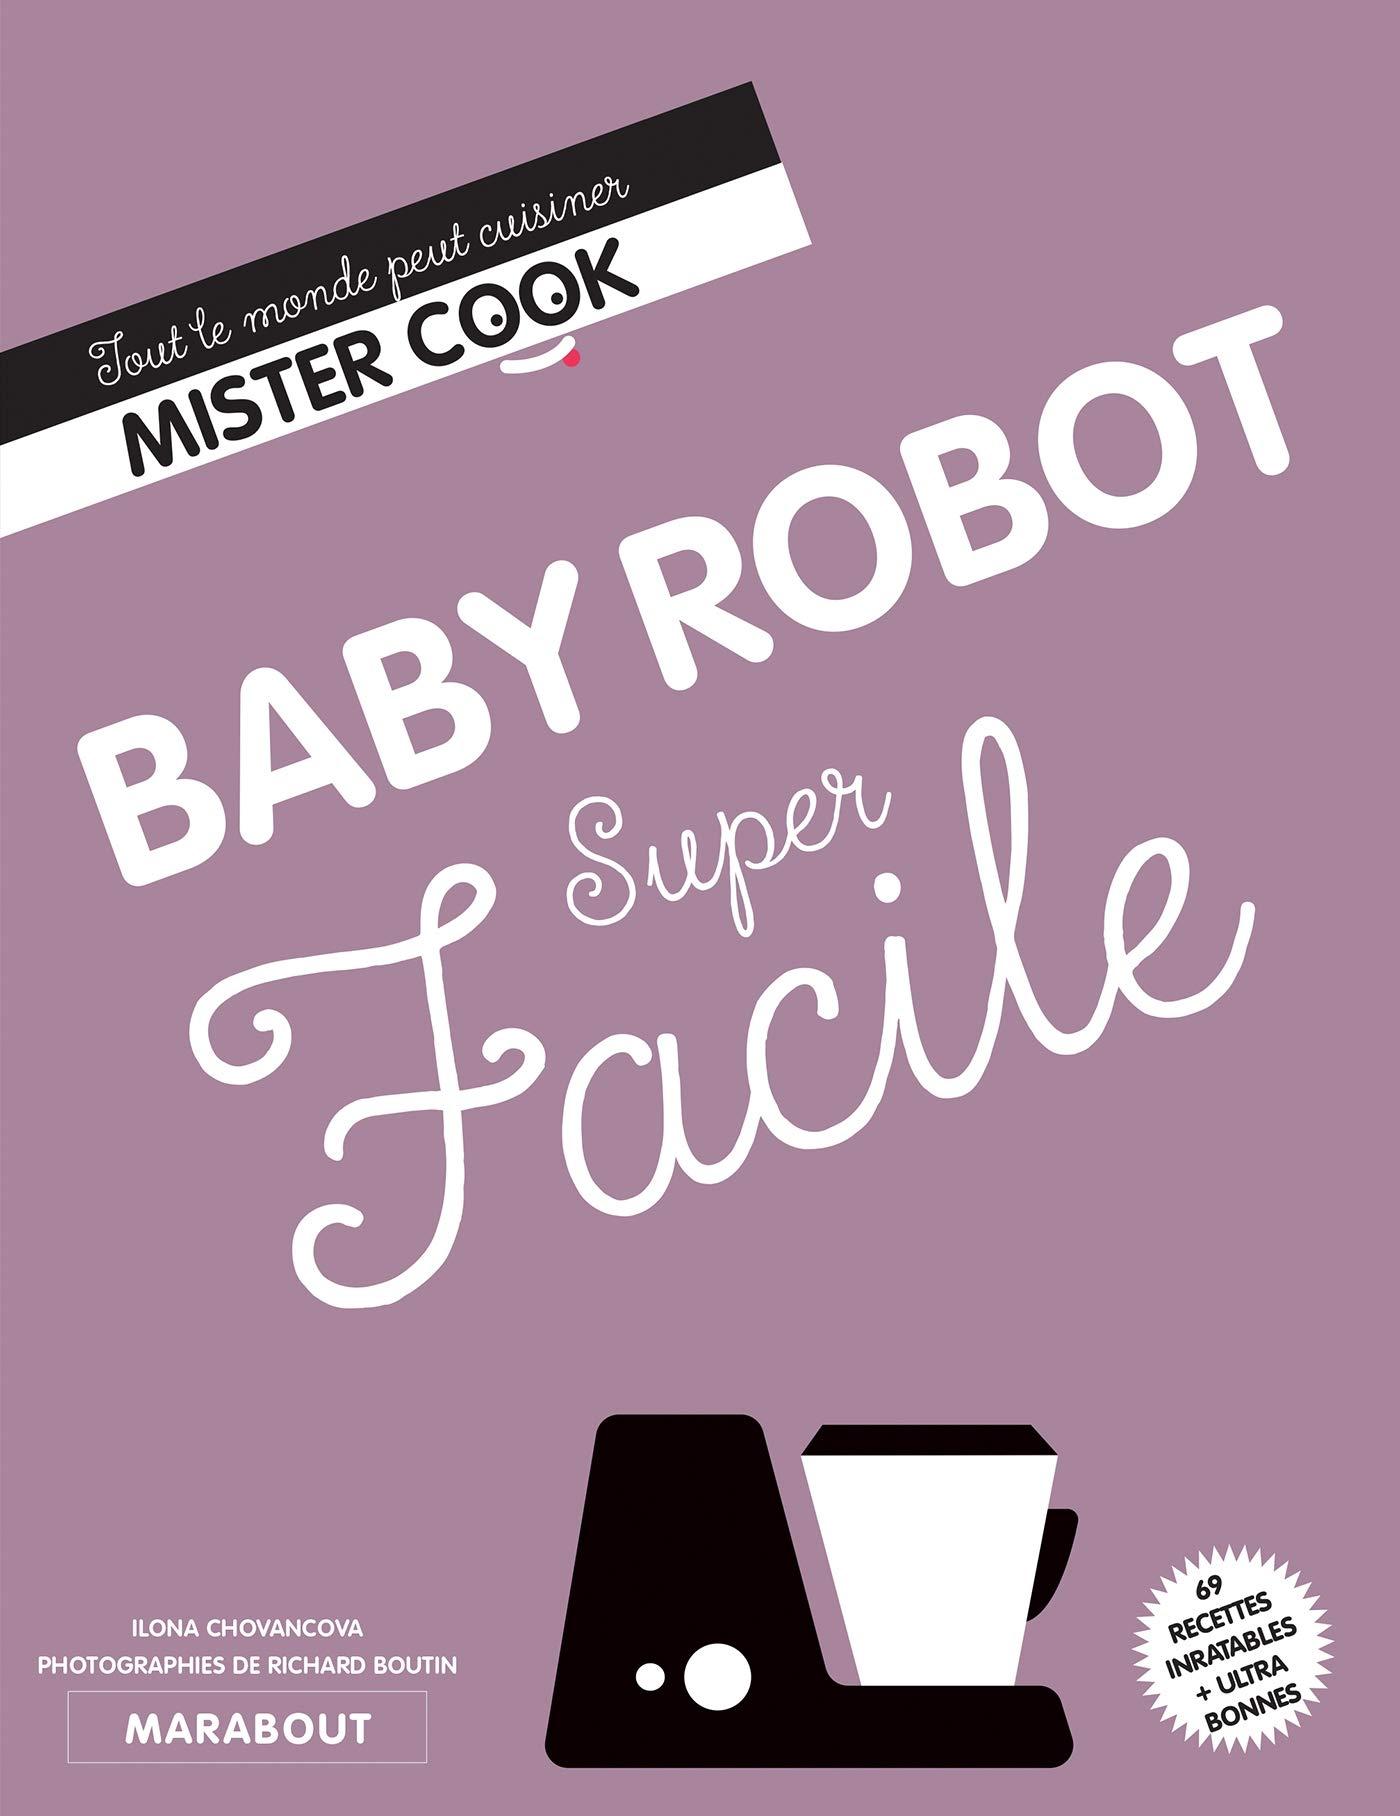 Baby Robot super facile: 24699 (Cuisine): Amazon.es: Chovancova, Ilona: Libros en idiomas extranjeros